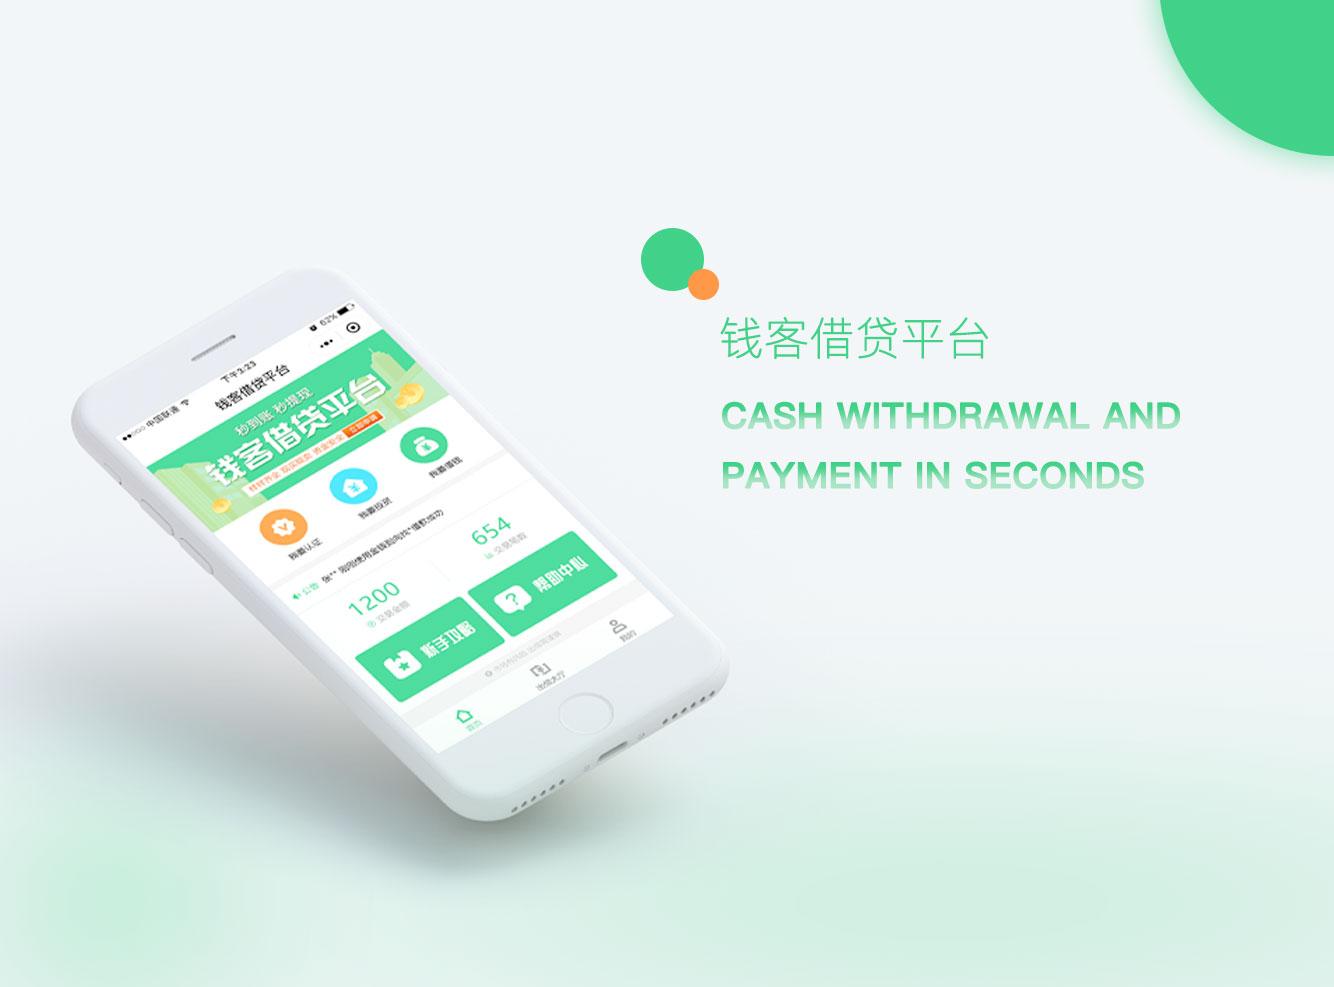 【小程序开发 】钱客借贷